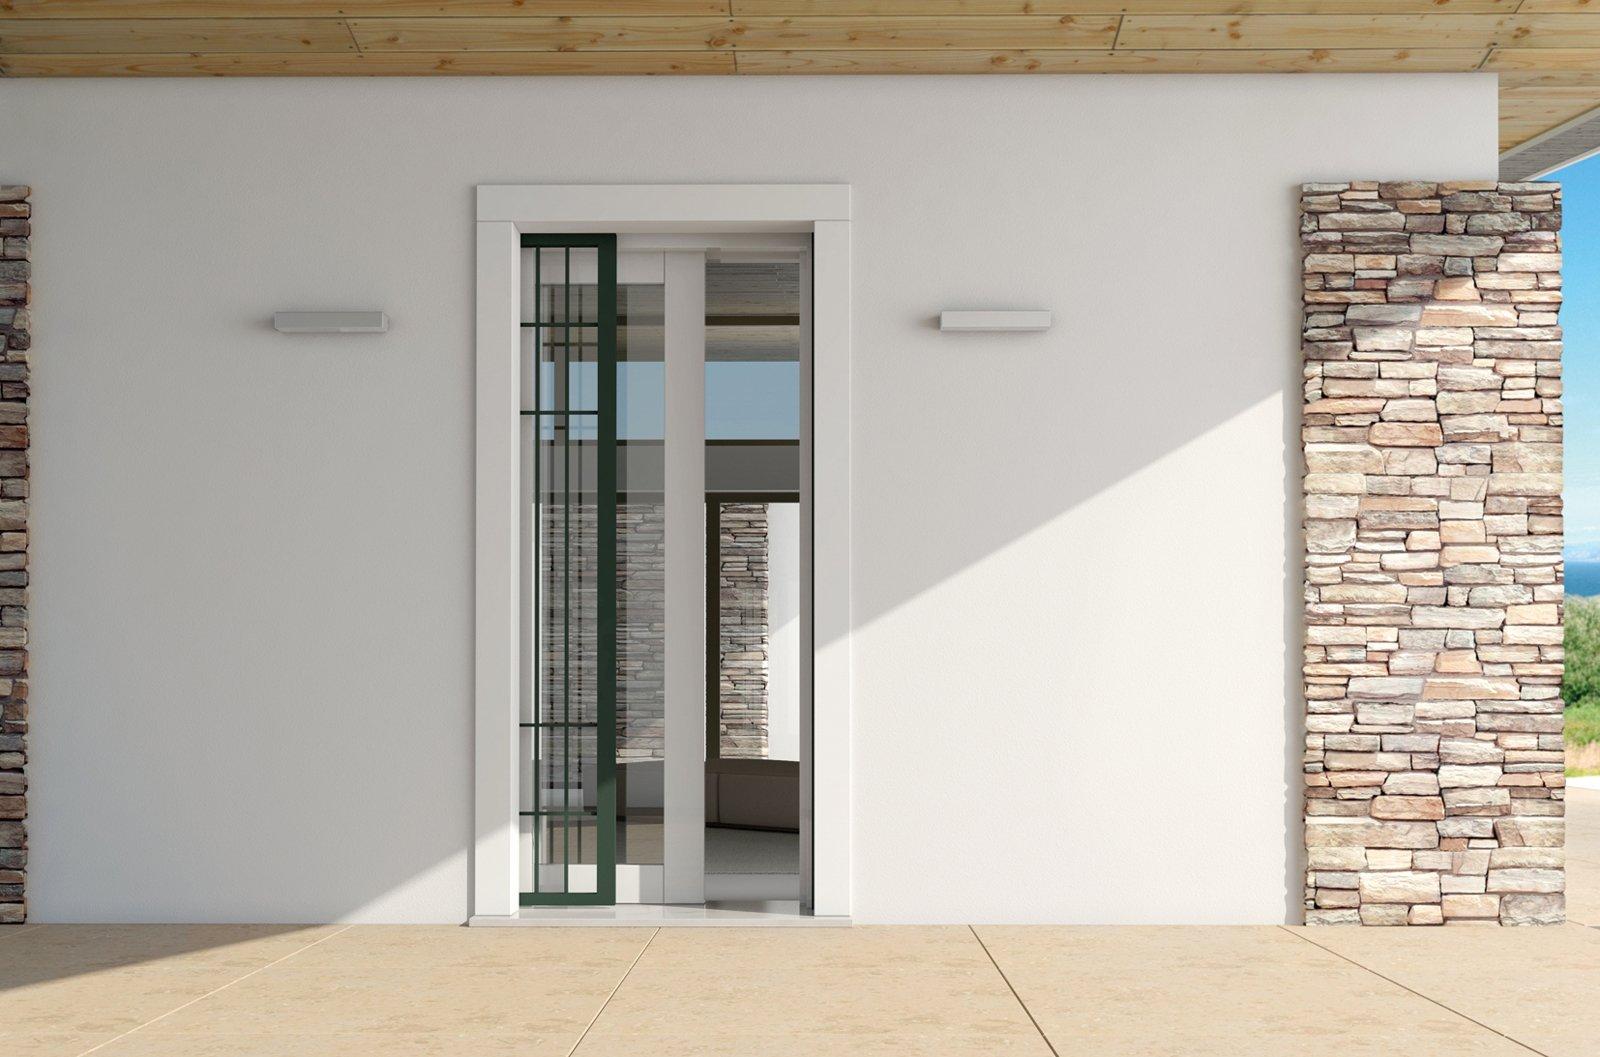 Tapparelle persiane e inferriate per aperture pi sicure for Grate in legno per balconi